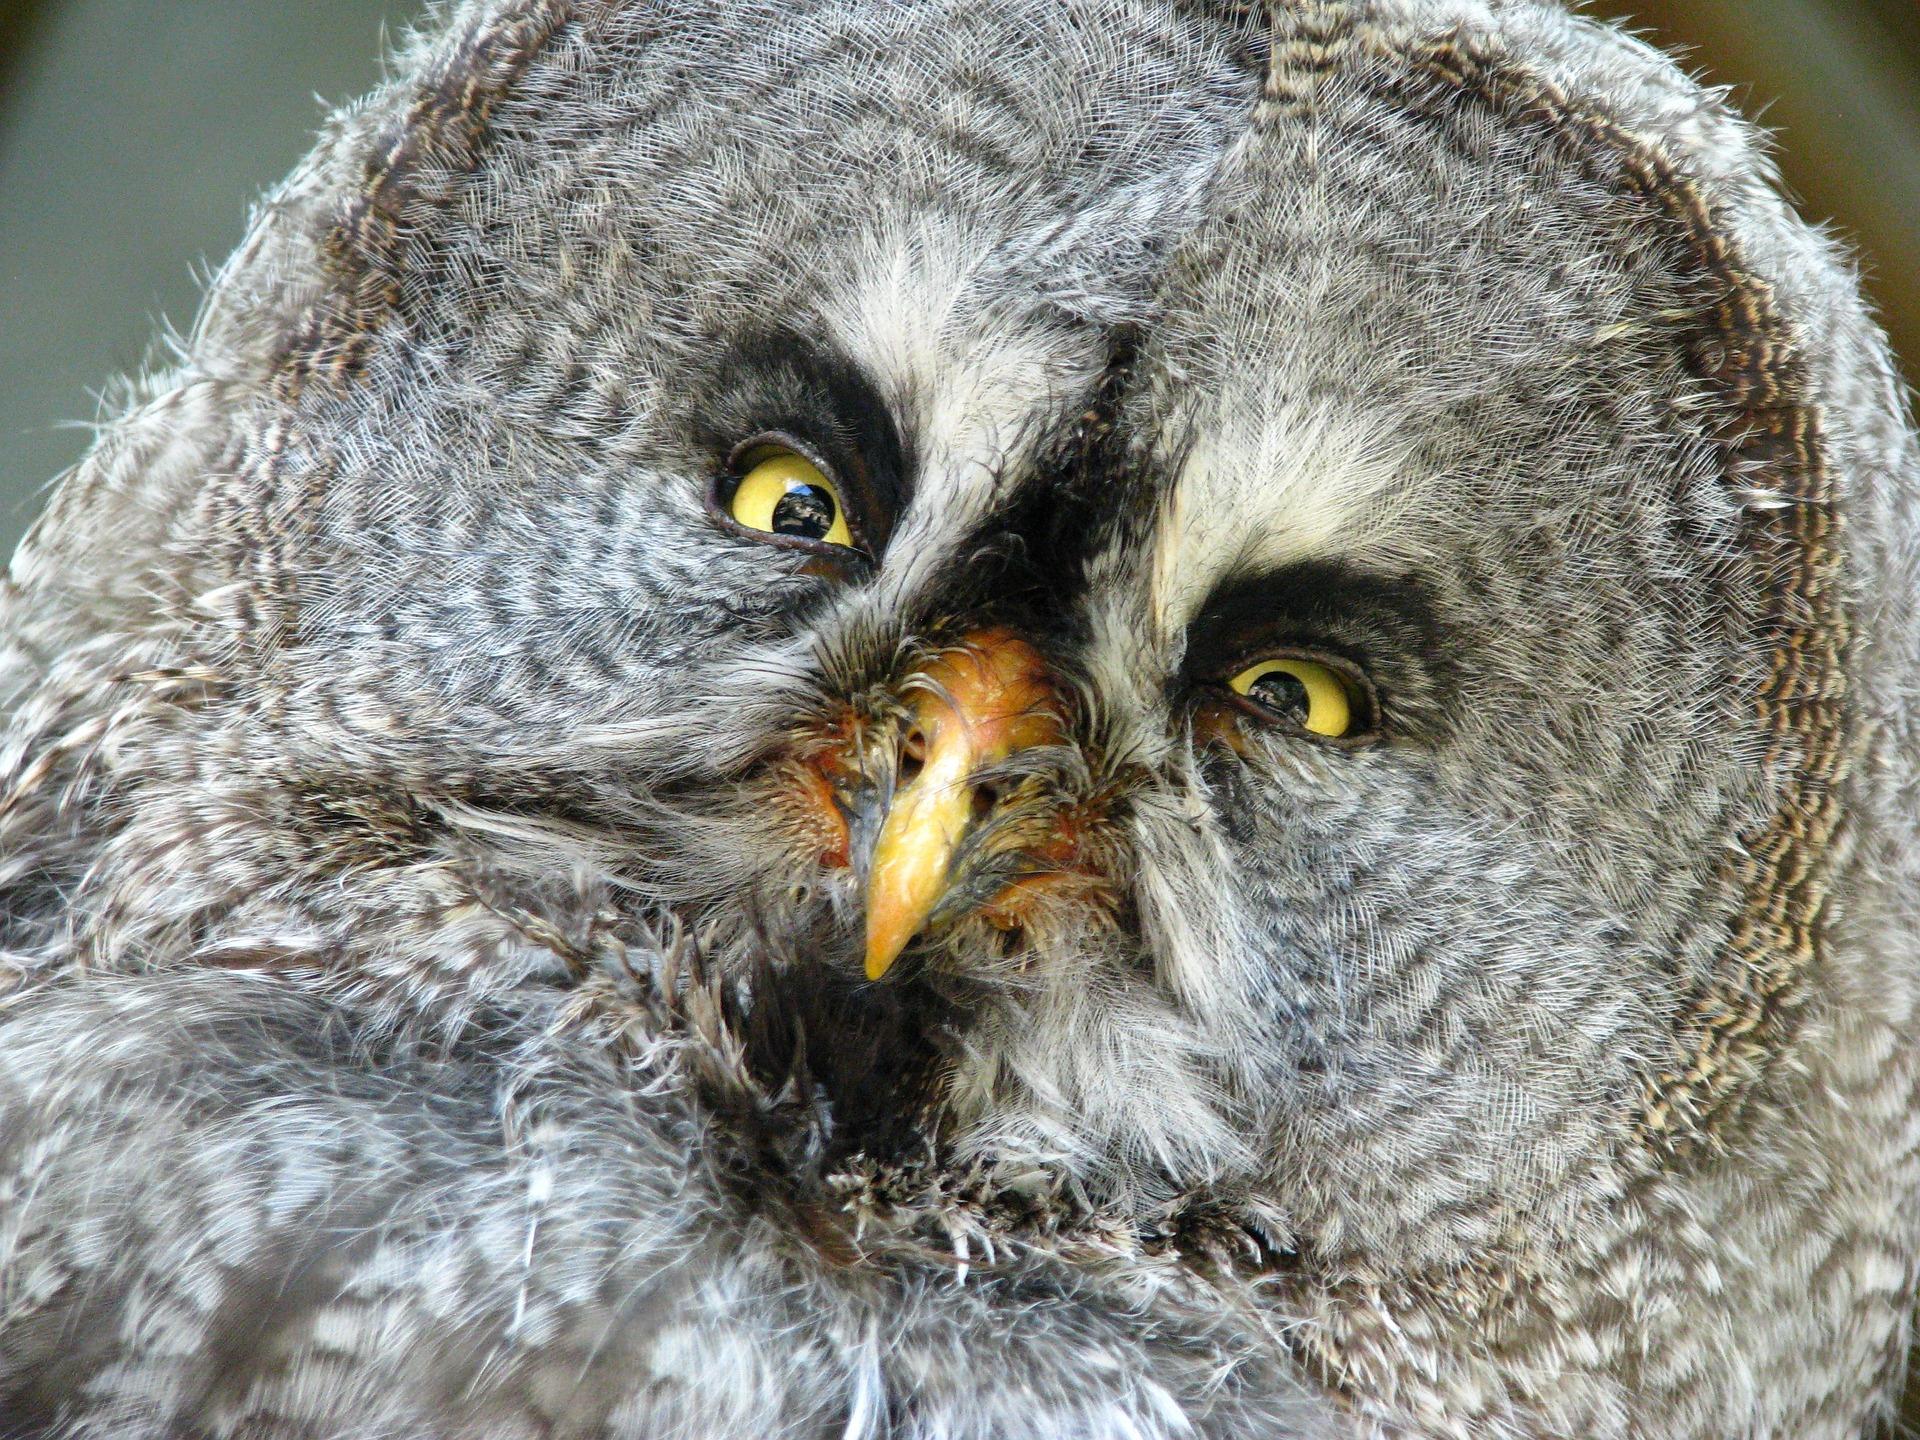 mądry jak sowa, powiedzenia o sowach, sowa symbolika, symbol, atena, minerwa, czy sowa jest inteligentna, mądre ptaki, inteligentne, blog o dzikich zwierzętach, animalistka.pl, animalistka